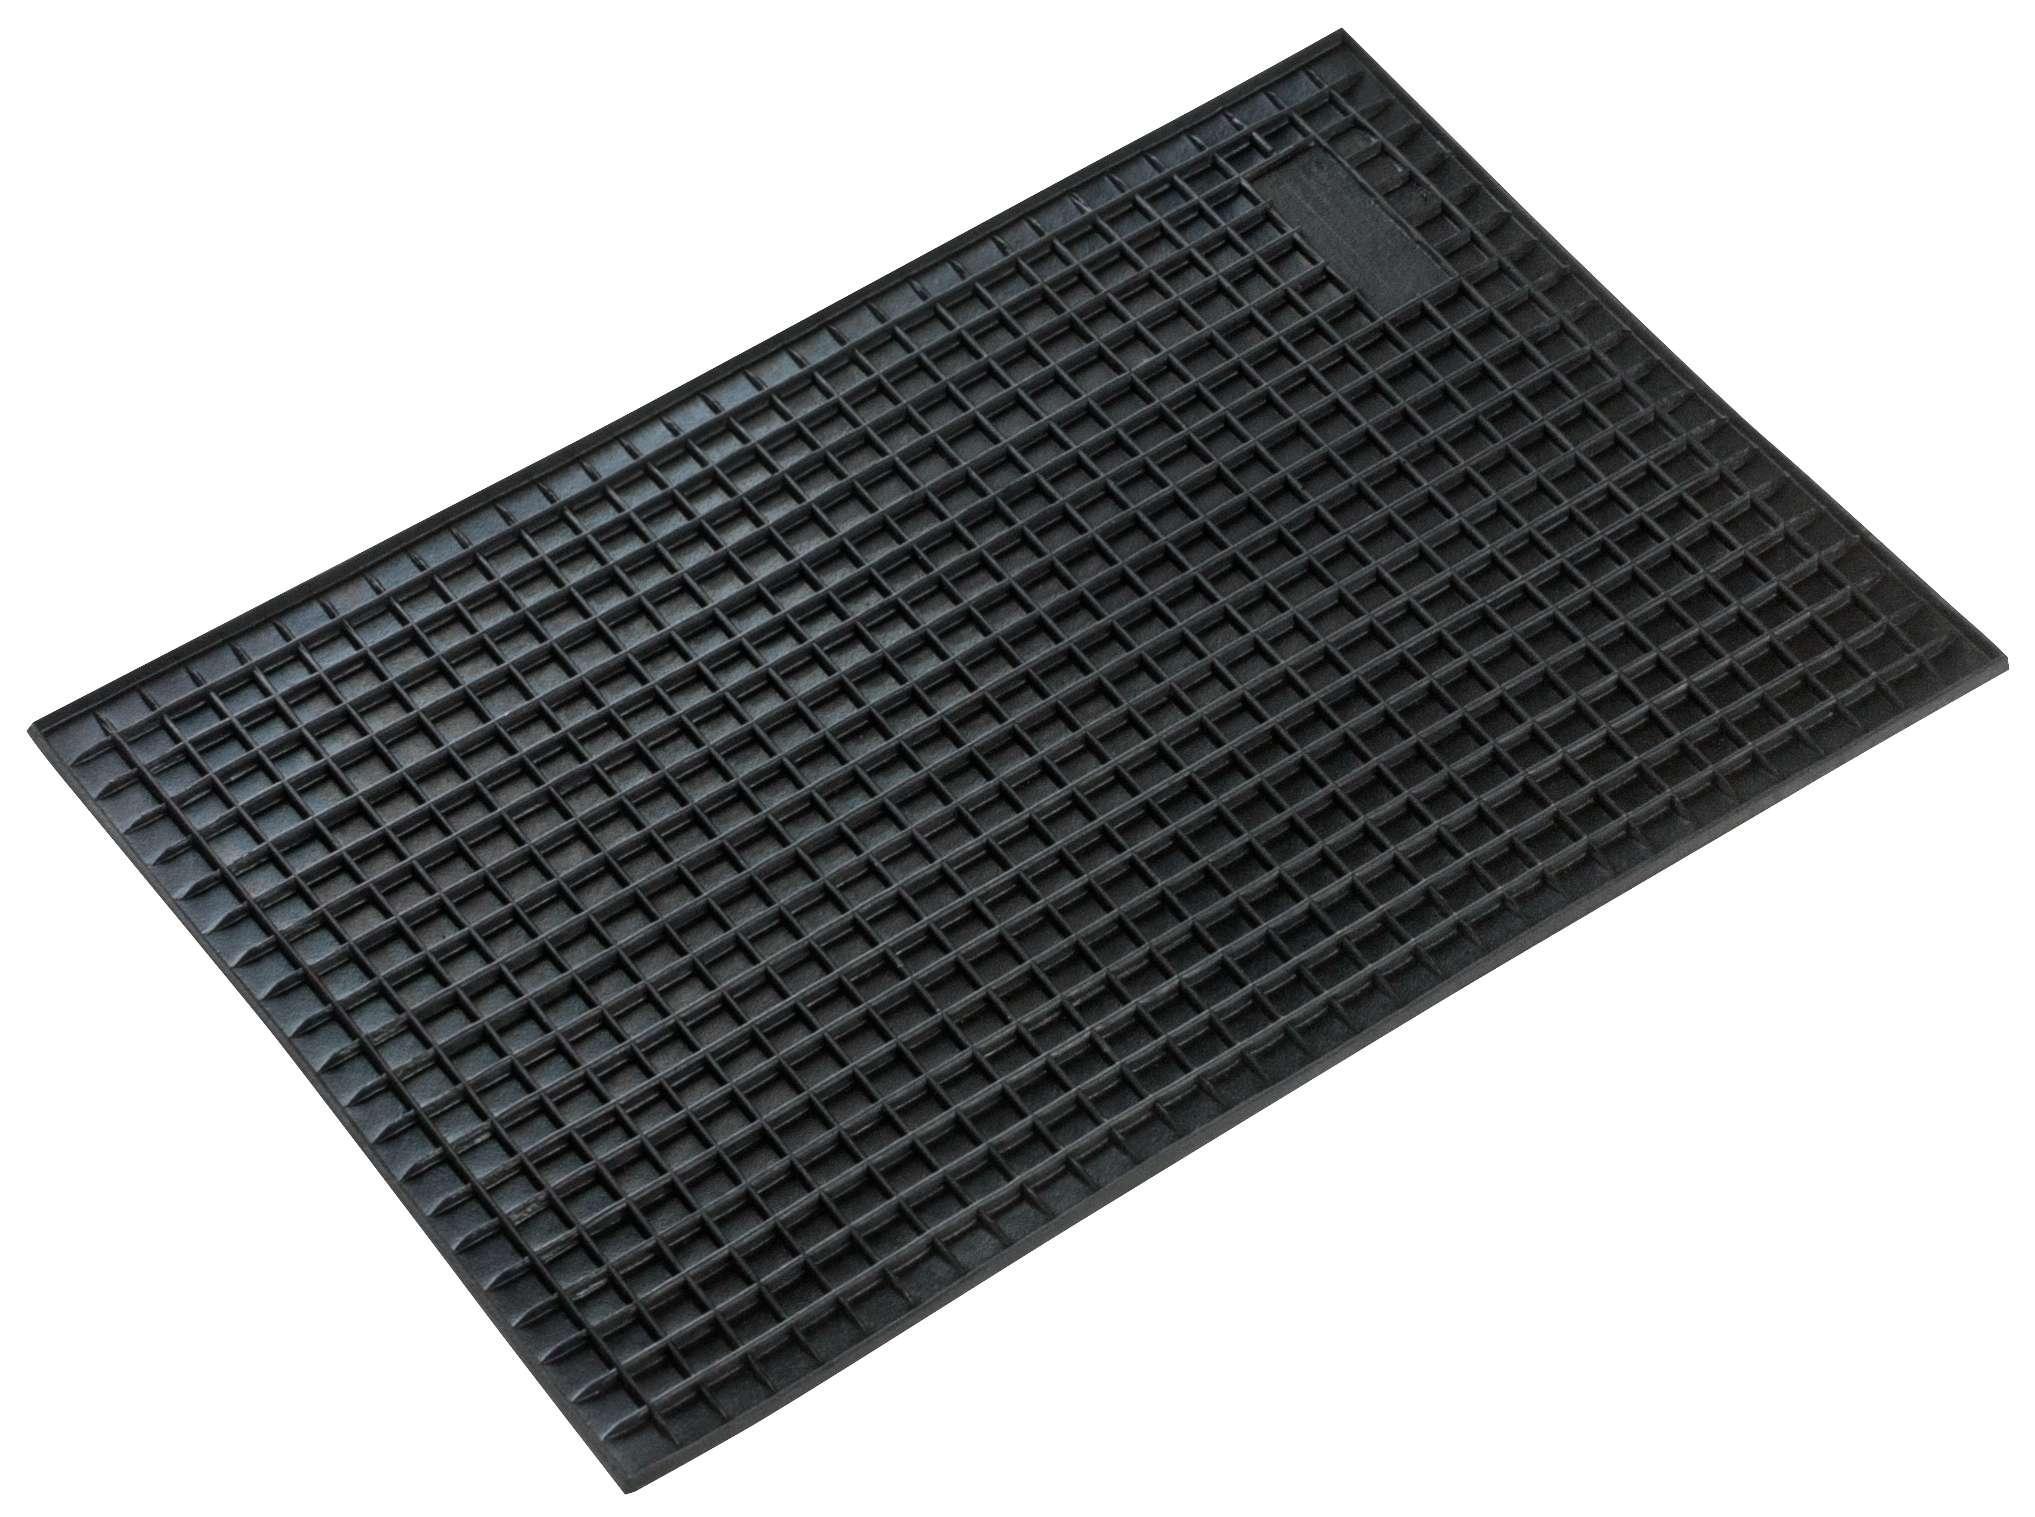 Achat de 14938 WALSER Adaptation universelle, Rectangle Caoutchouc, Quantité: 1, noir Taille: 43 x 29 Ensemble de tapis de sol 14938 pas chères